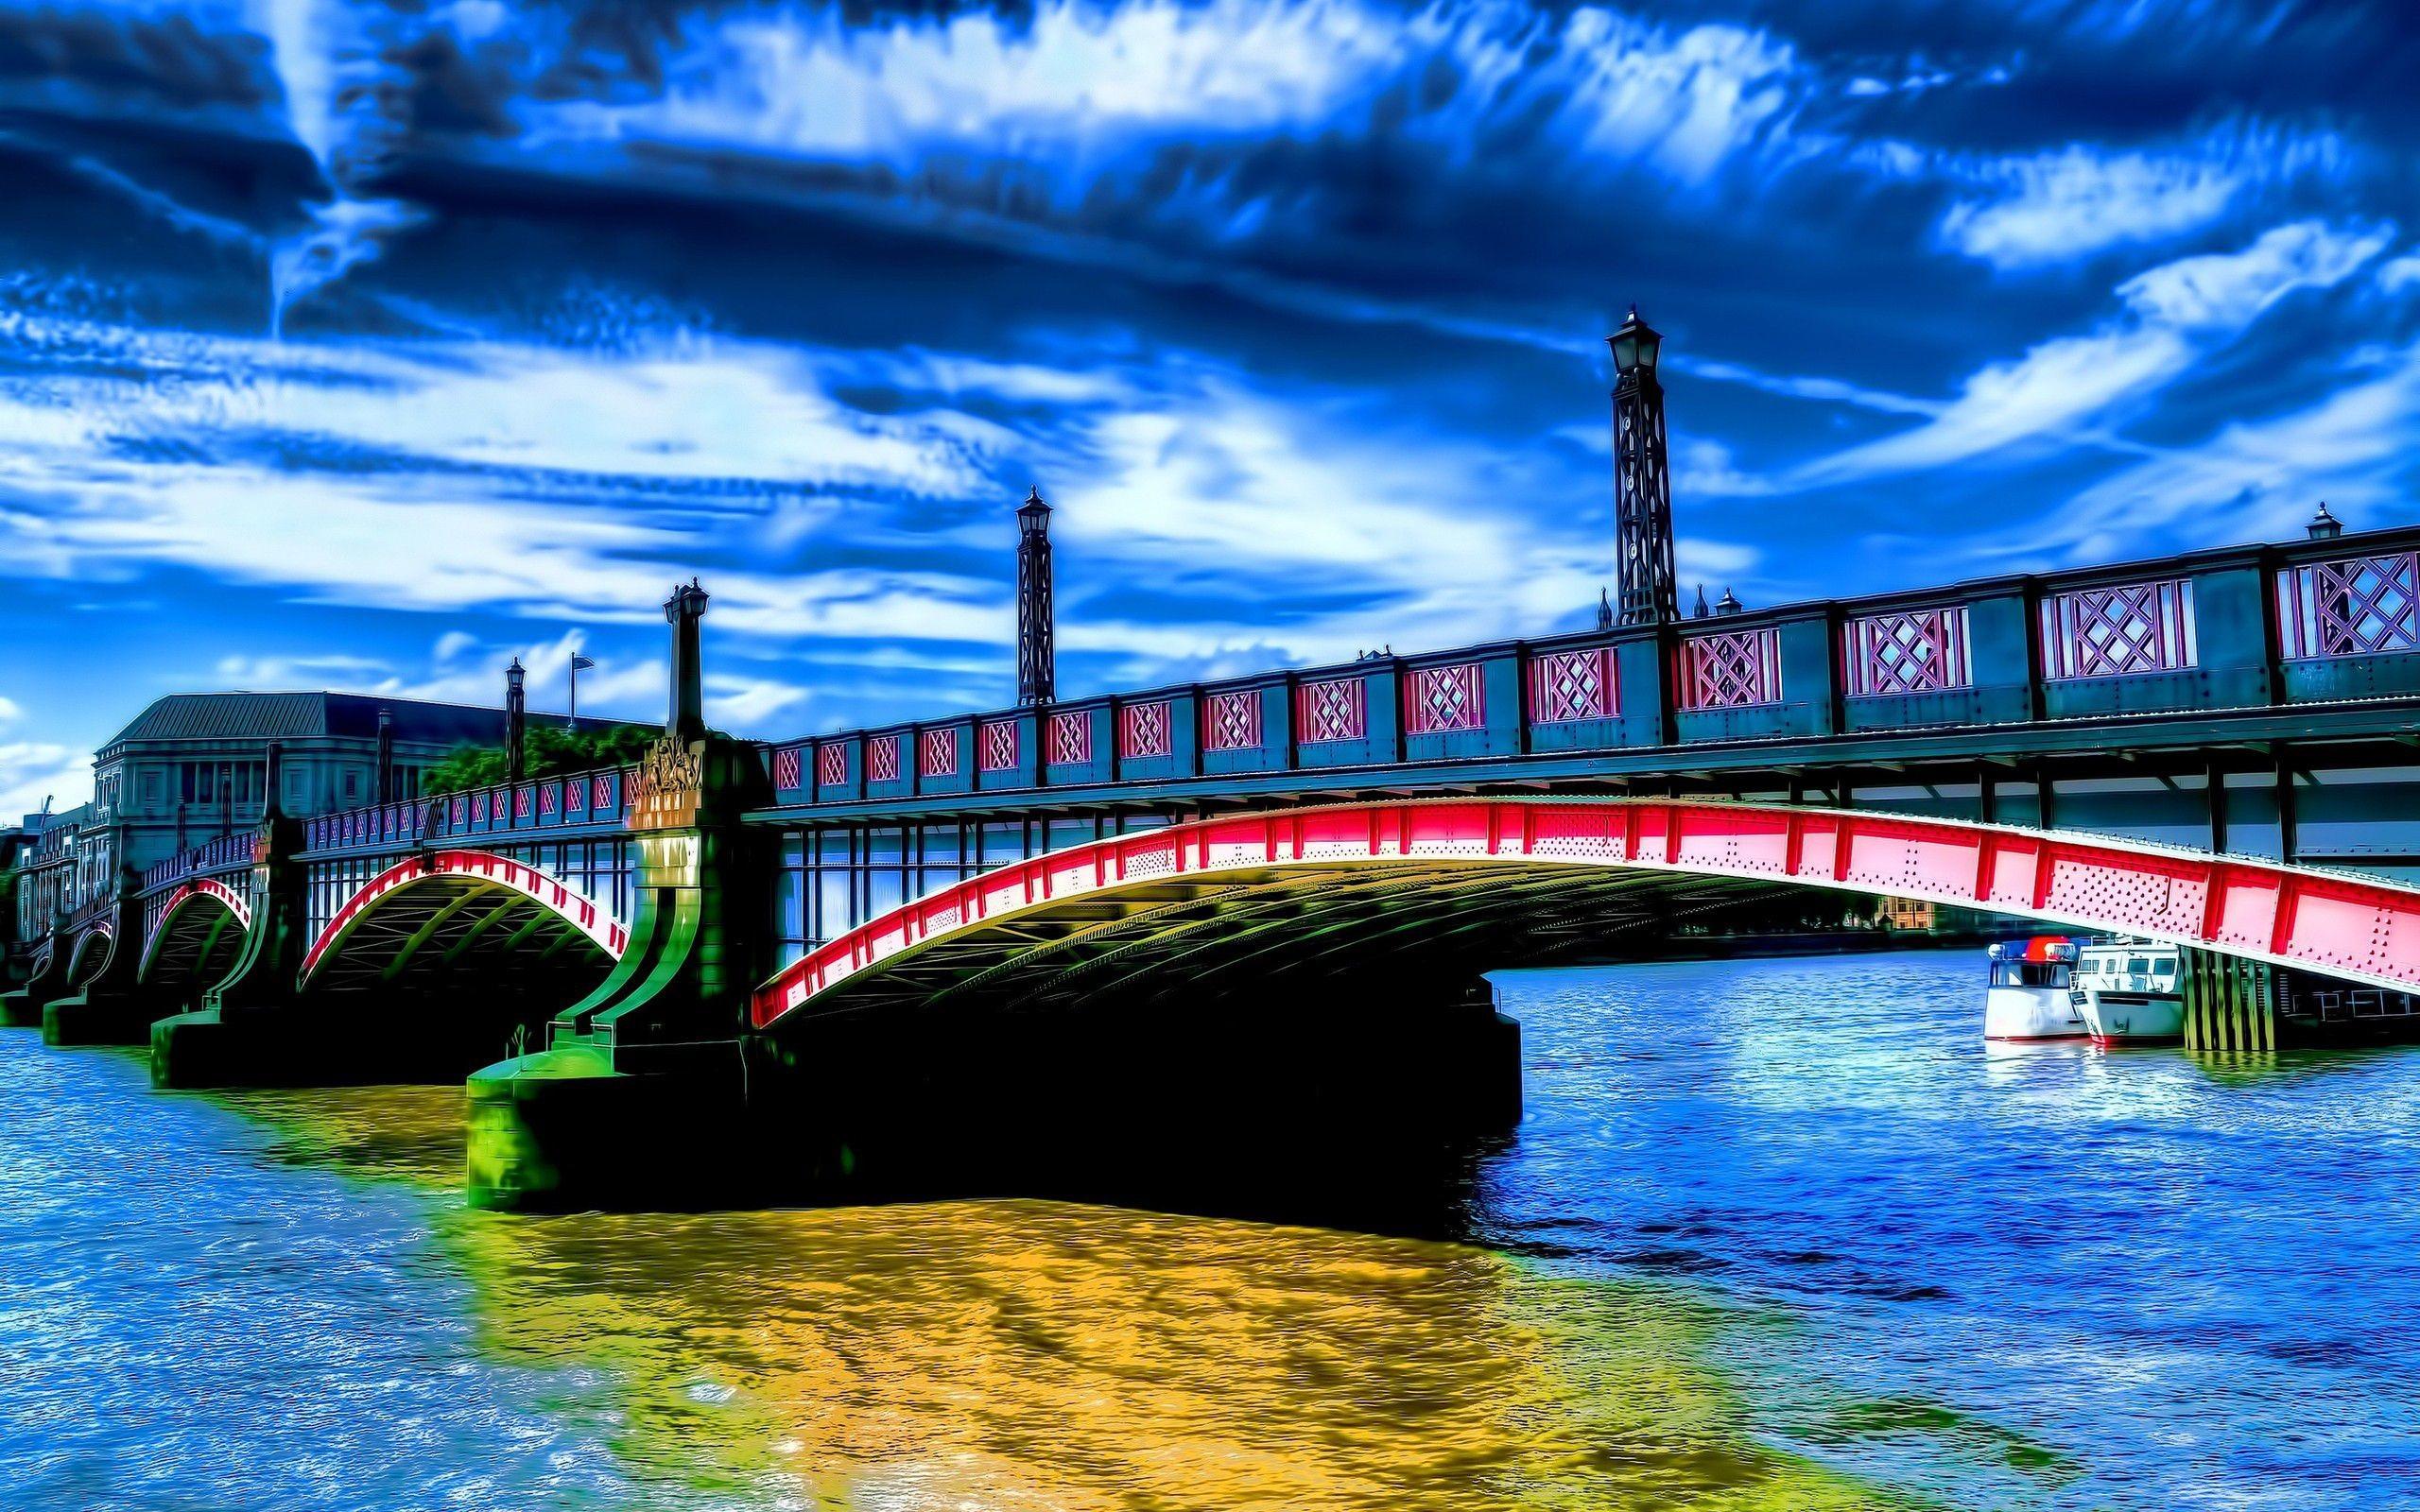 city landscape hd wallpapers 1080p